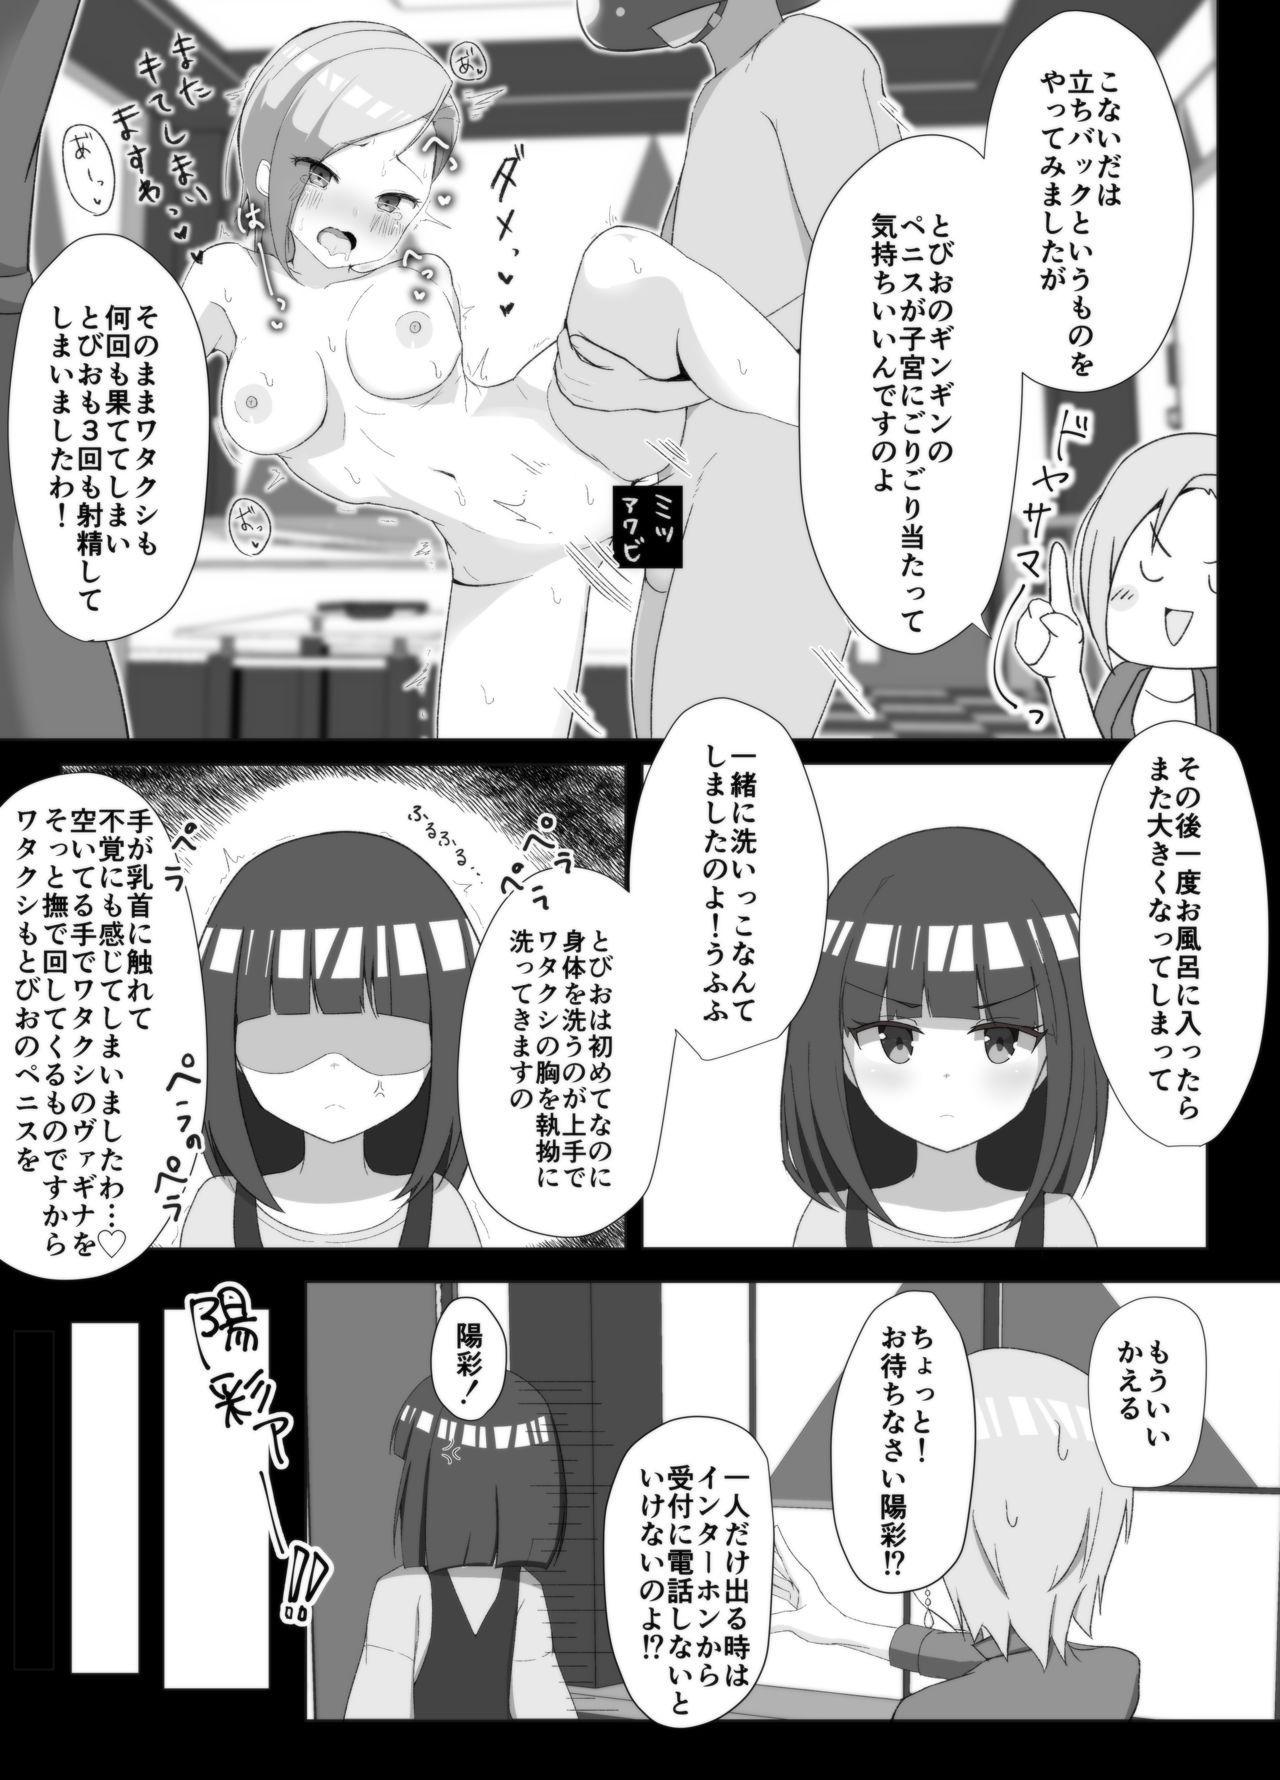 Akisa-chan's Laboratory 5